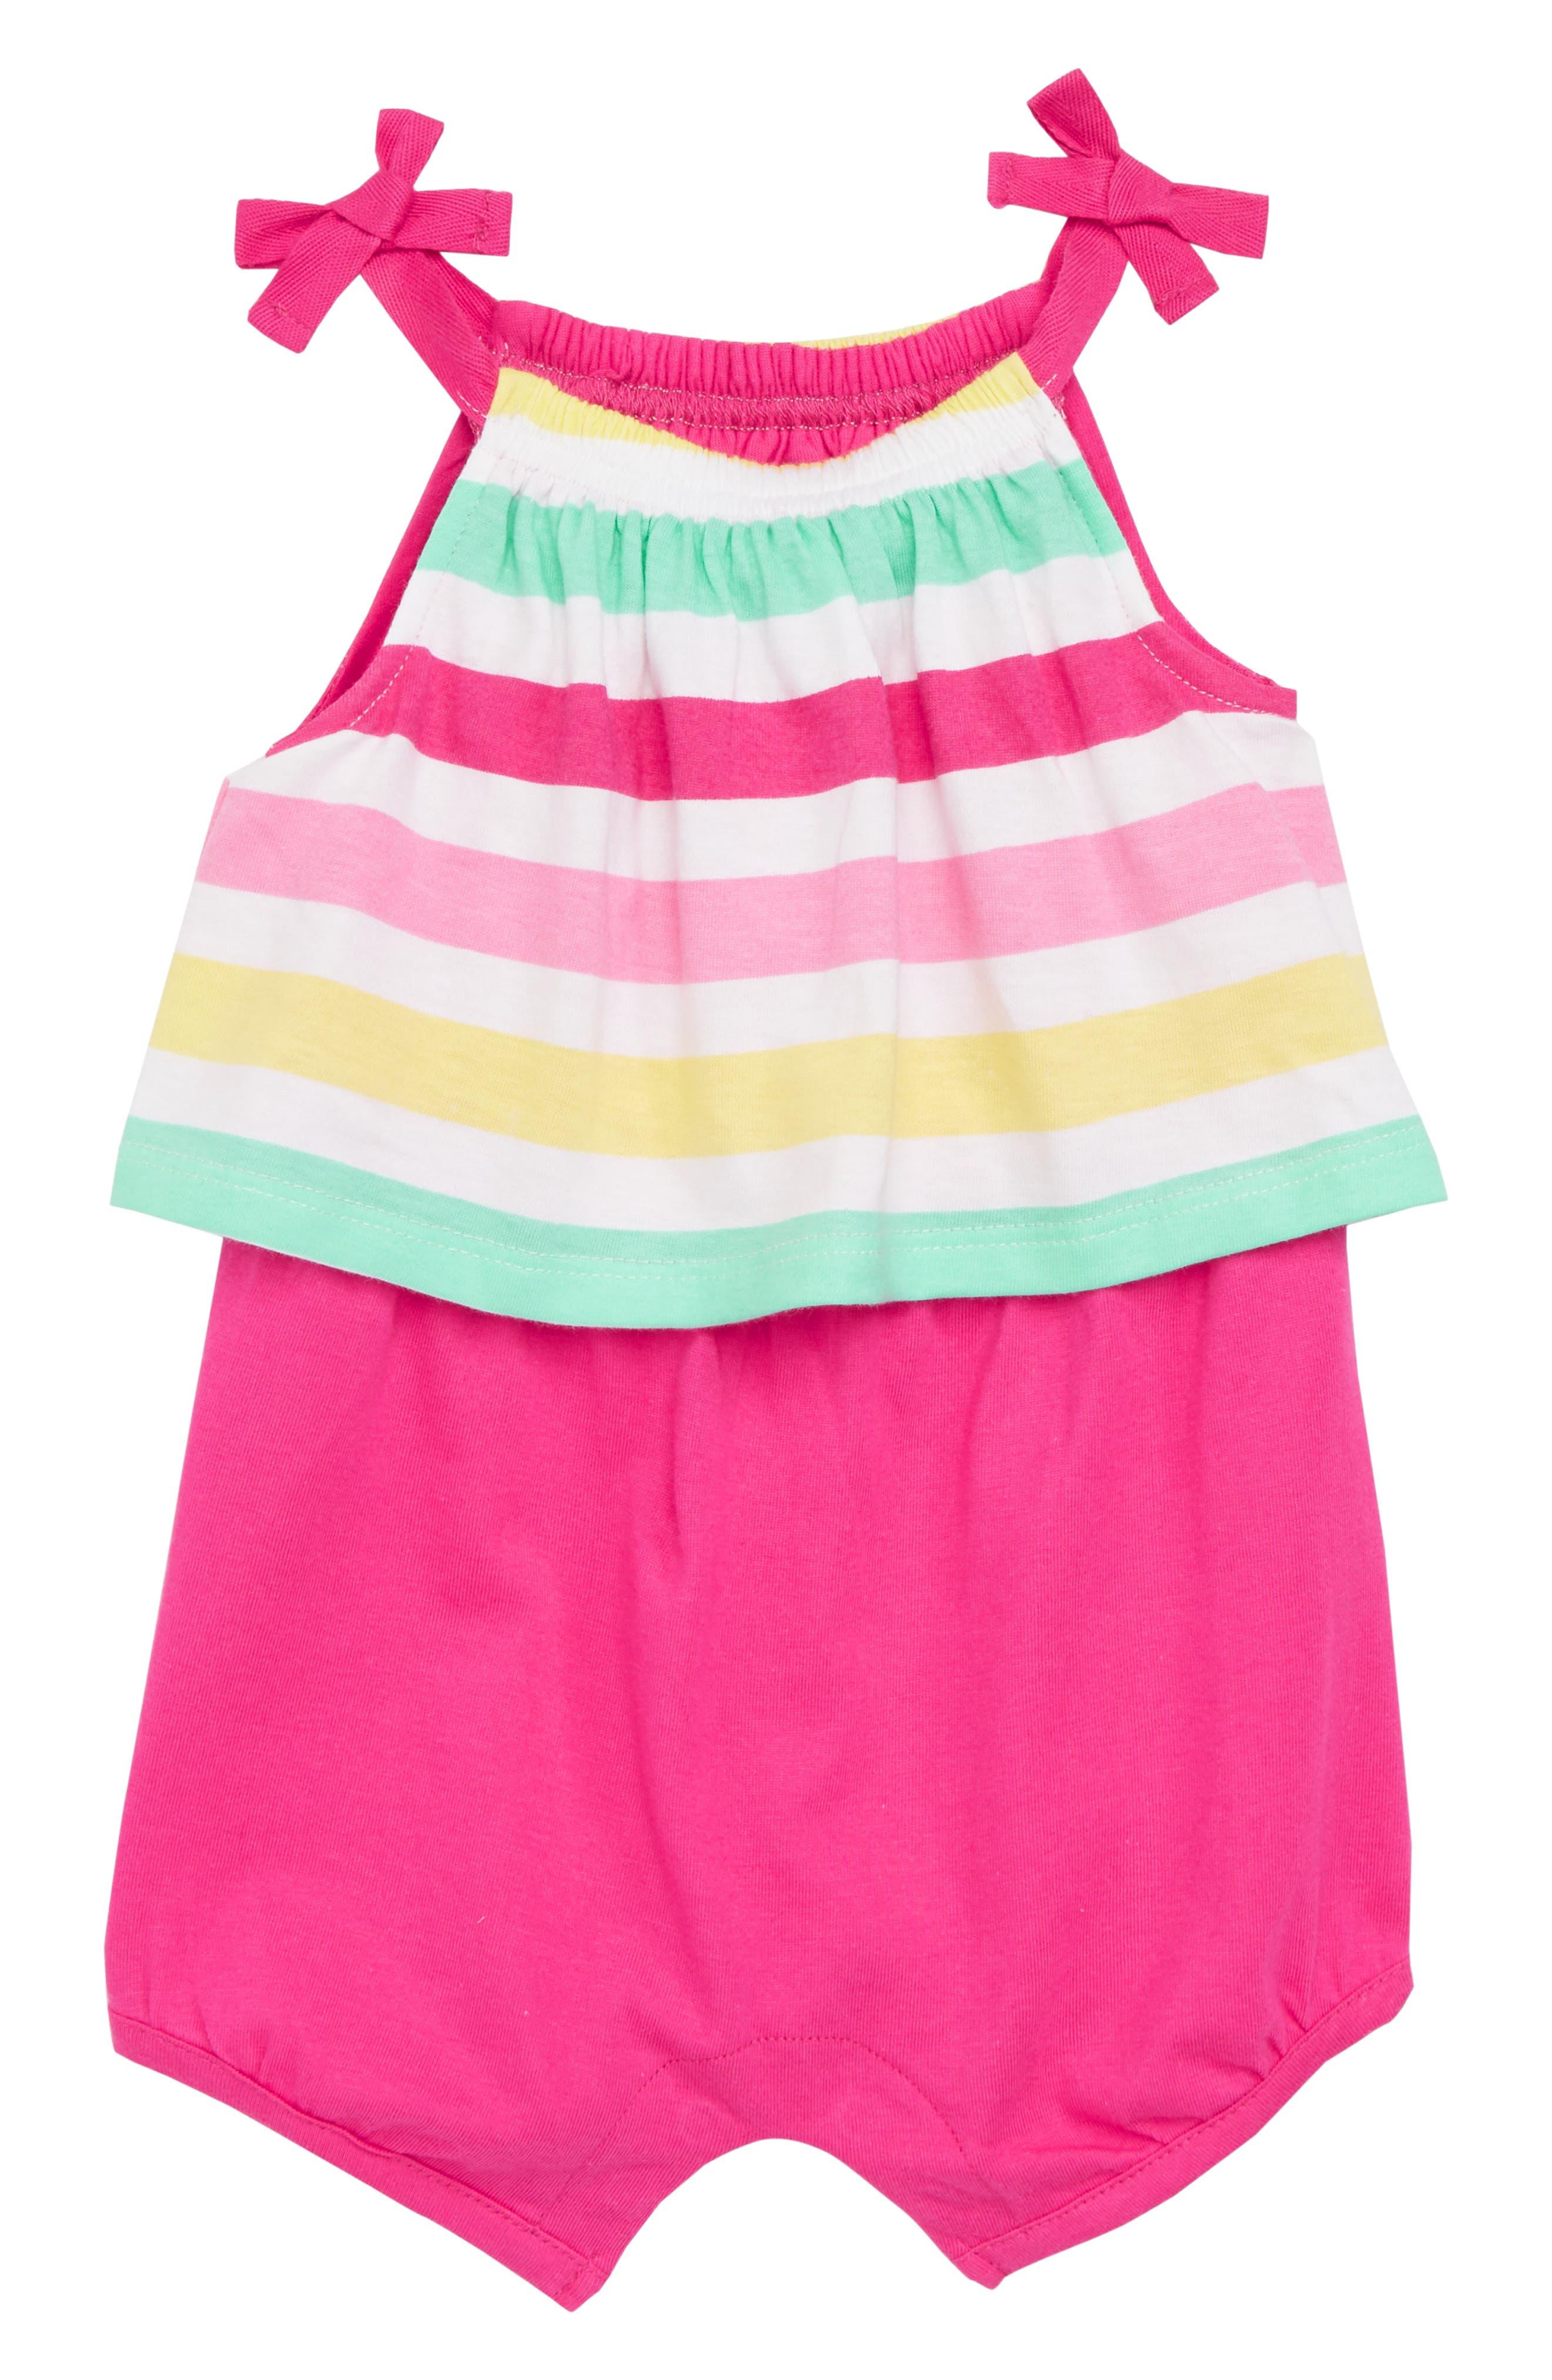 Popover Romper,                         Main,                         color, Fuchsia Summer Stripe